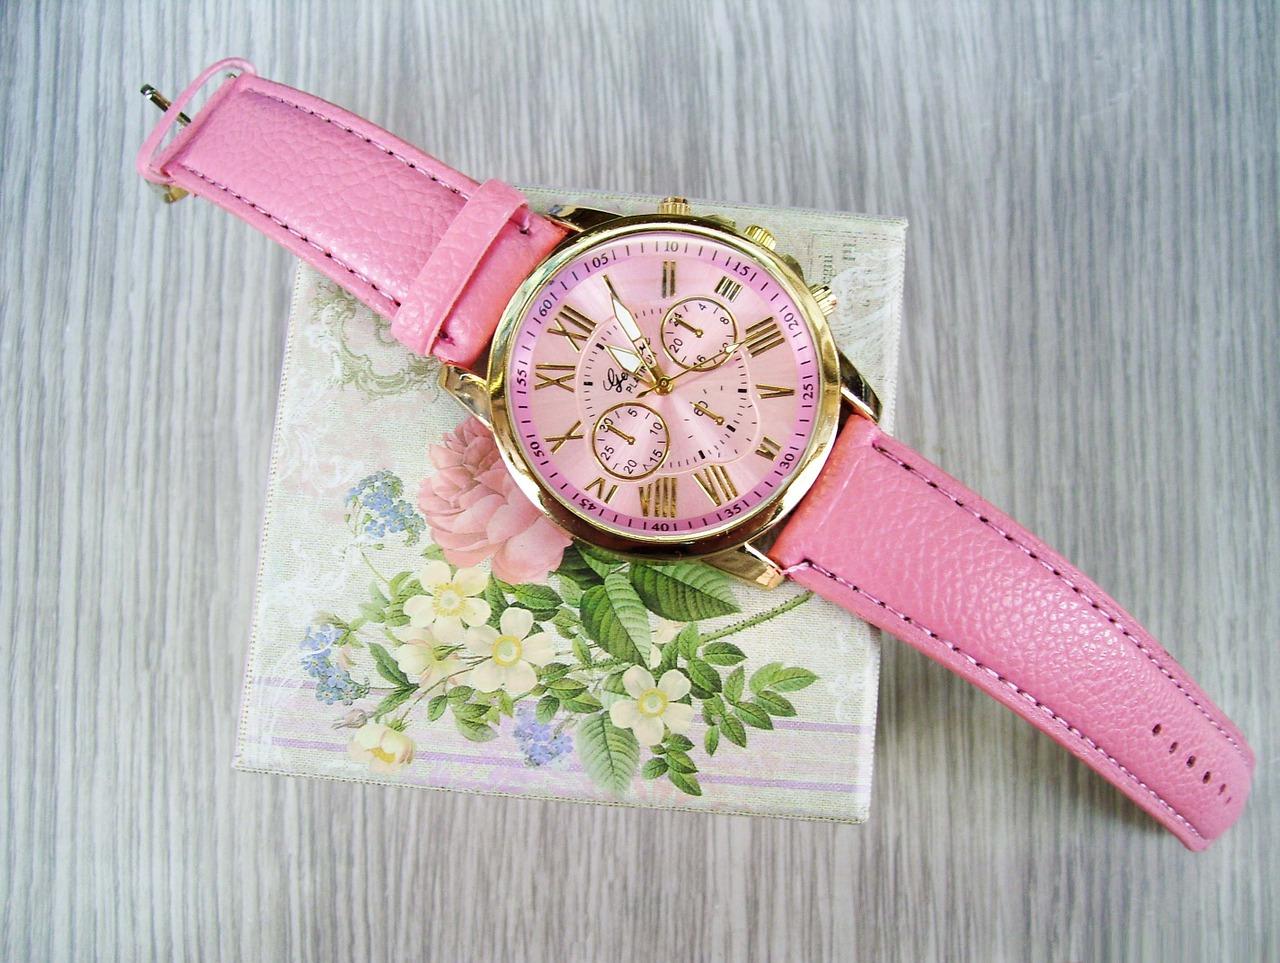 素敵な女性は持っている?高級腕時計の魅力は?人気のブランドは?